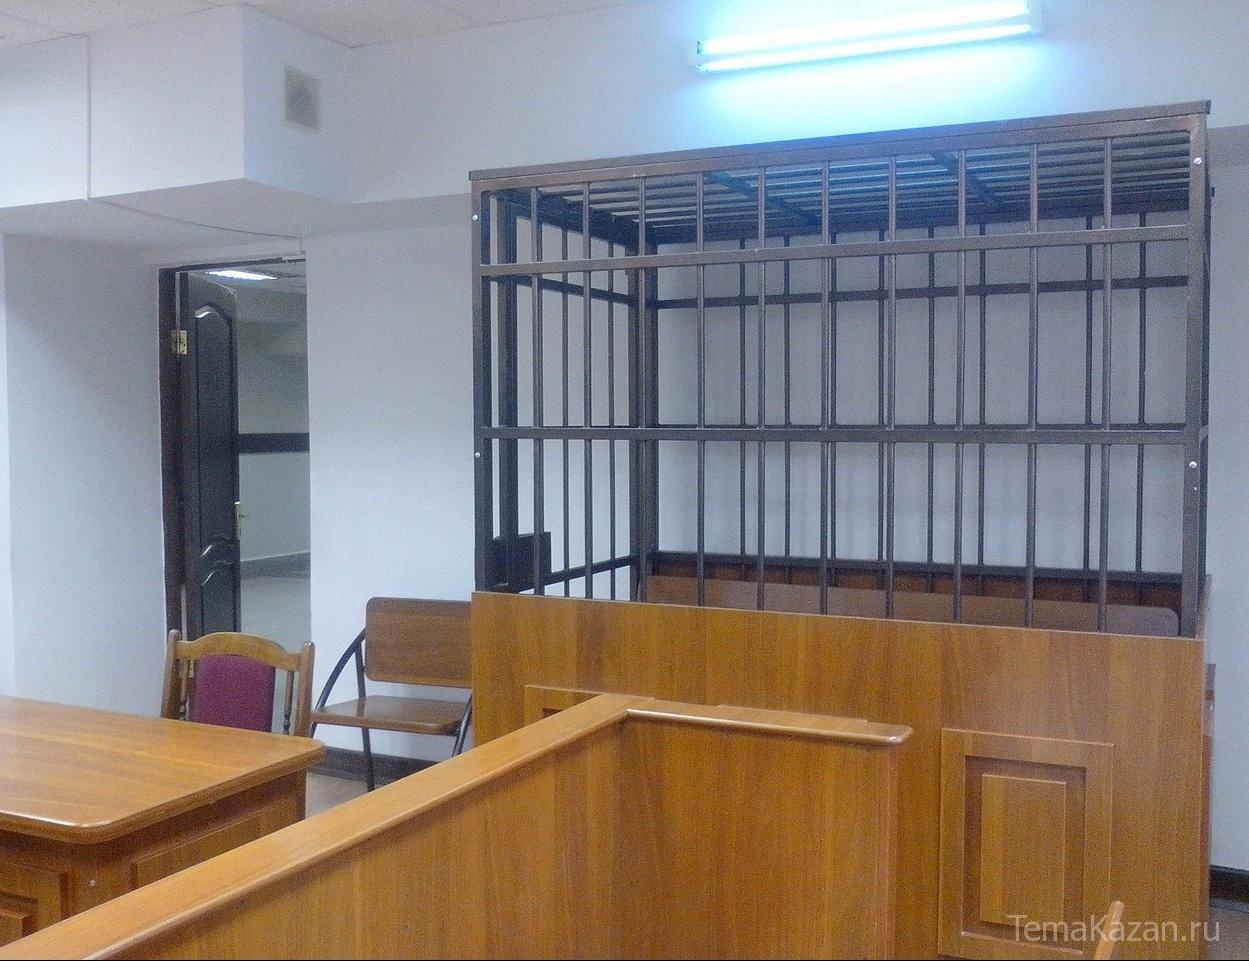 ВНижнекамске иностранца обвиняют винтимной близости сподростками